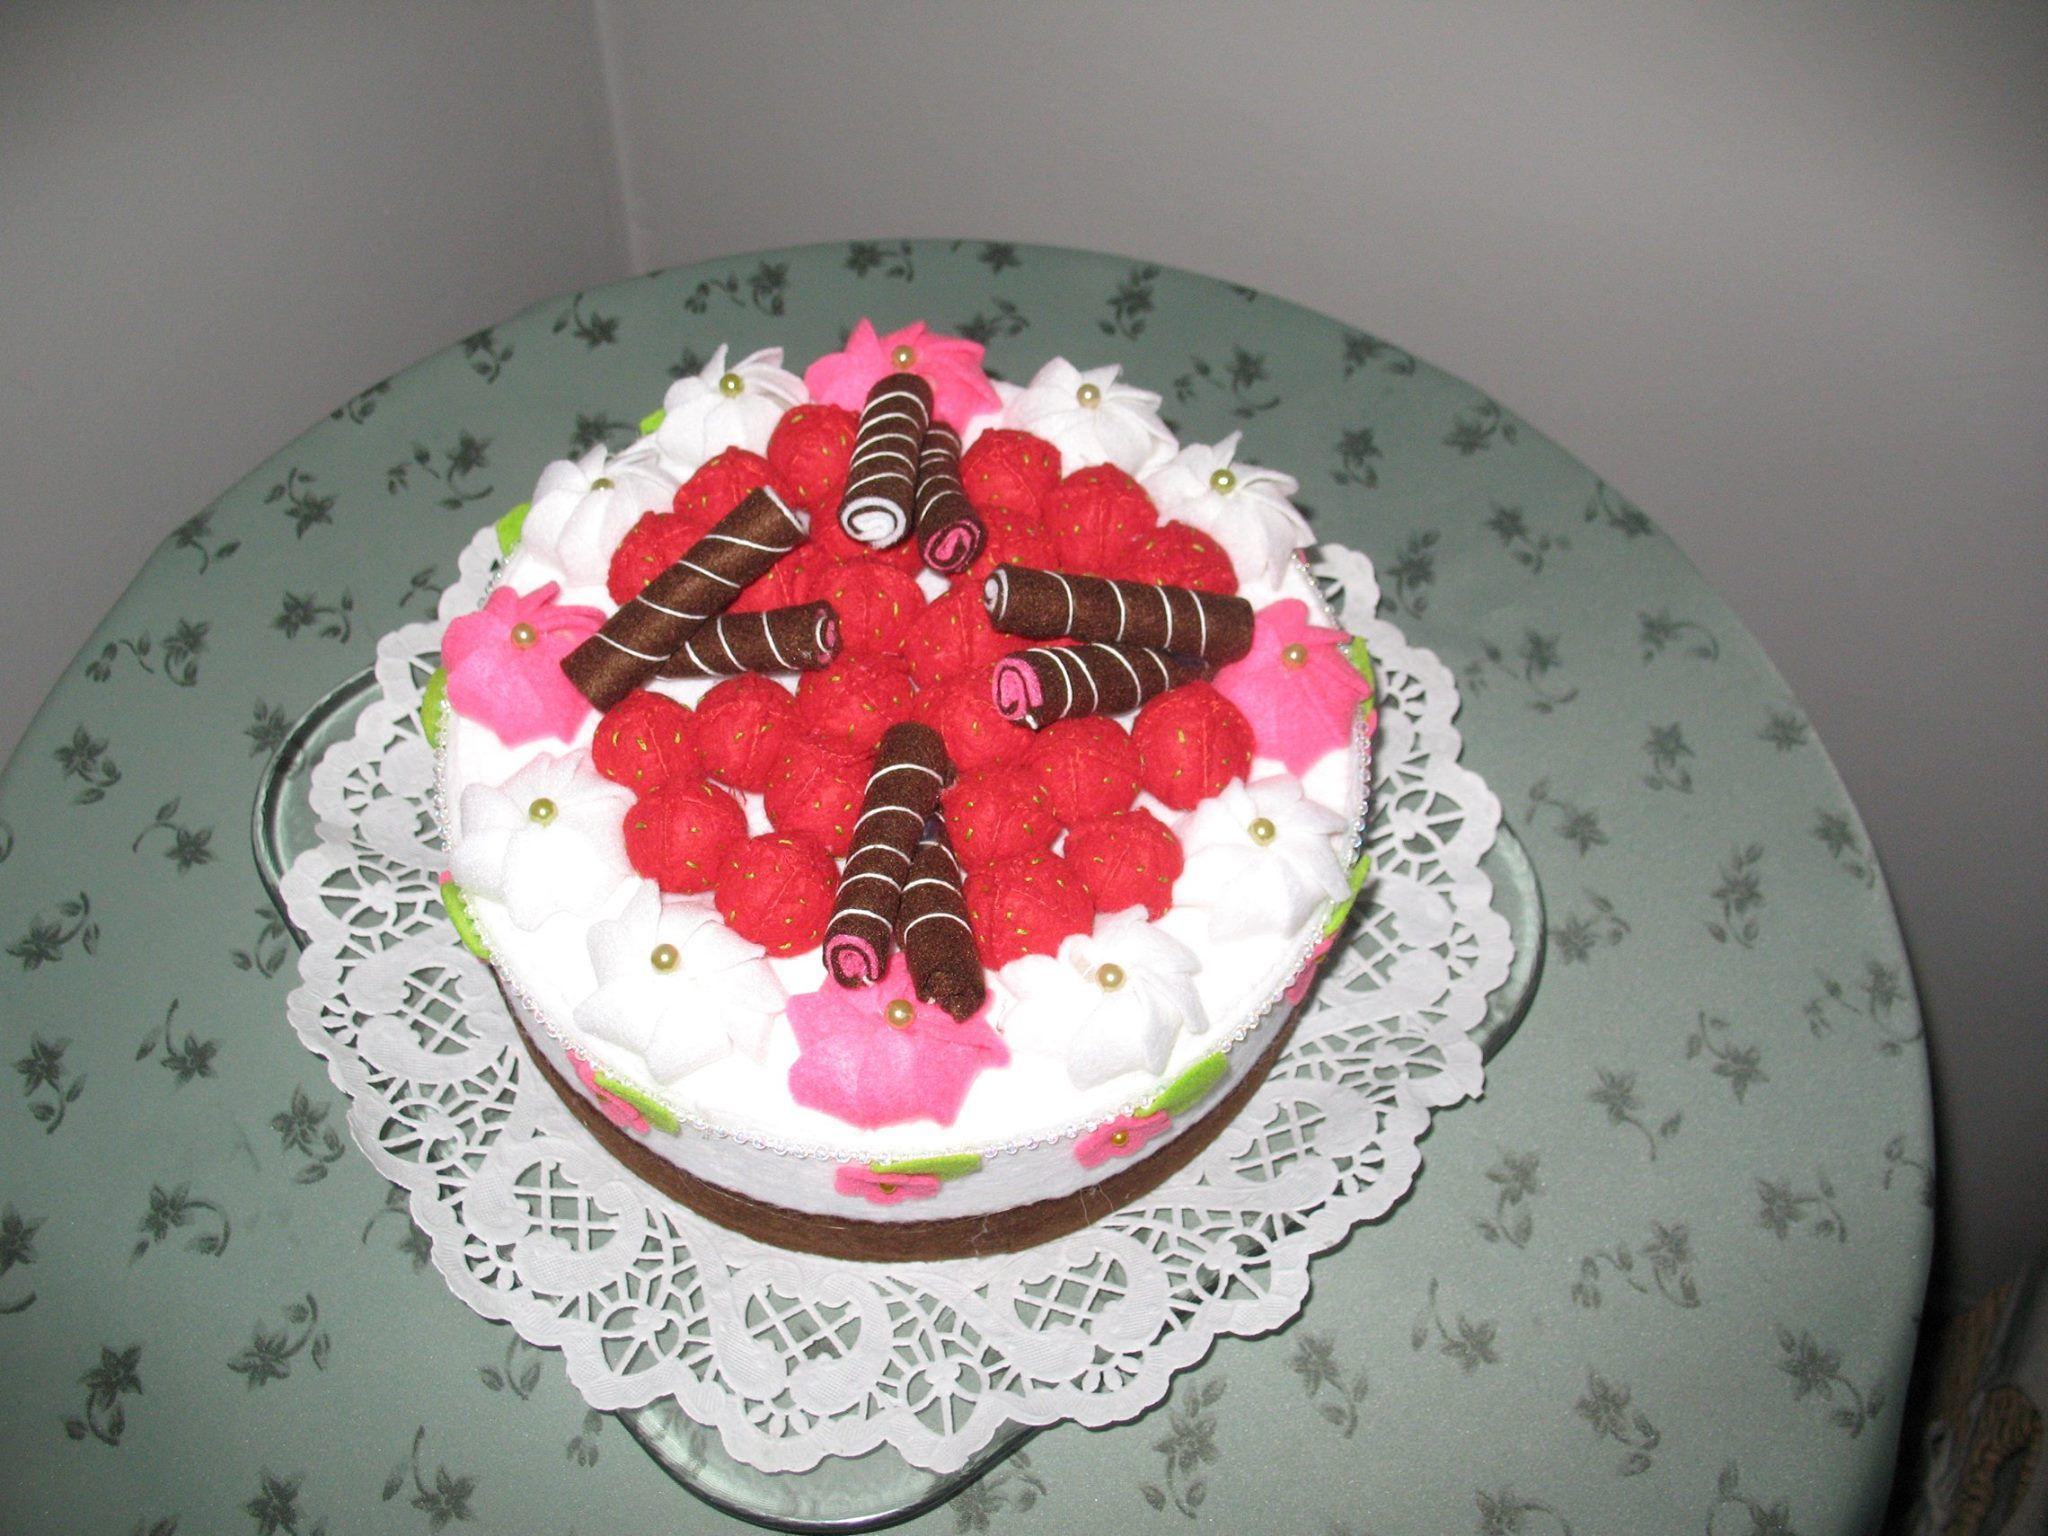 Mijn feest taart is klaar